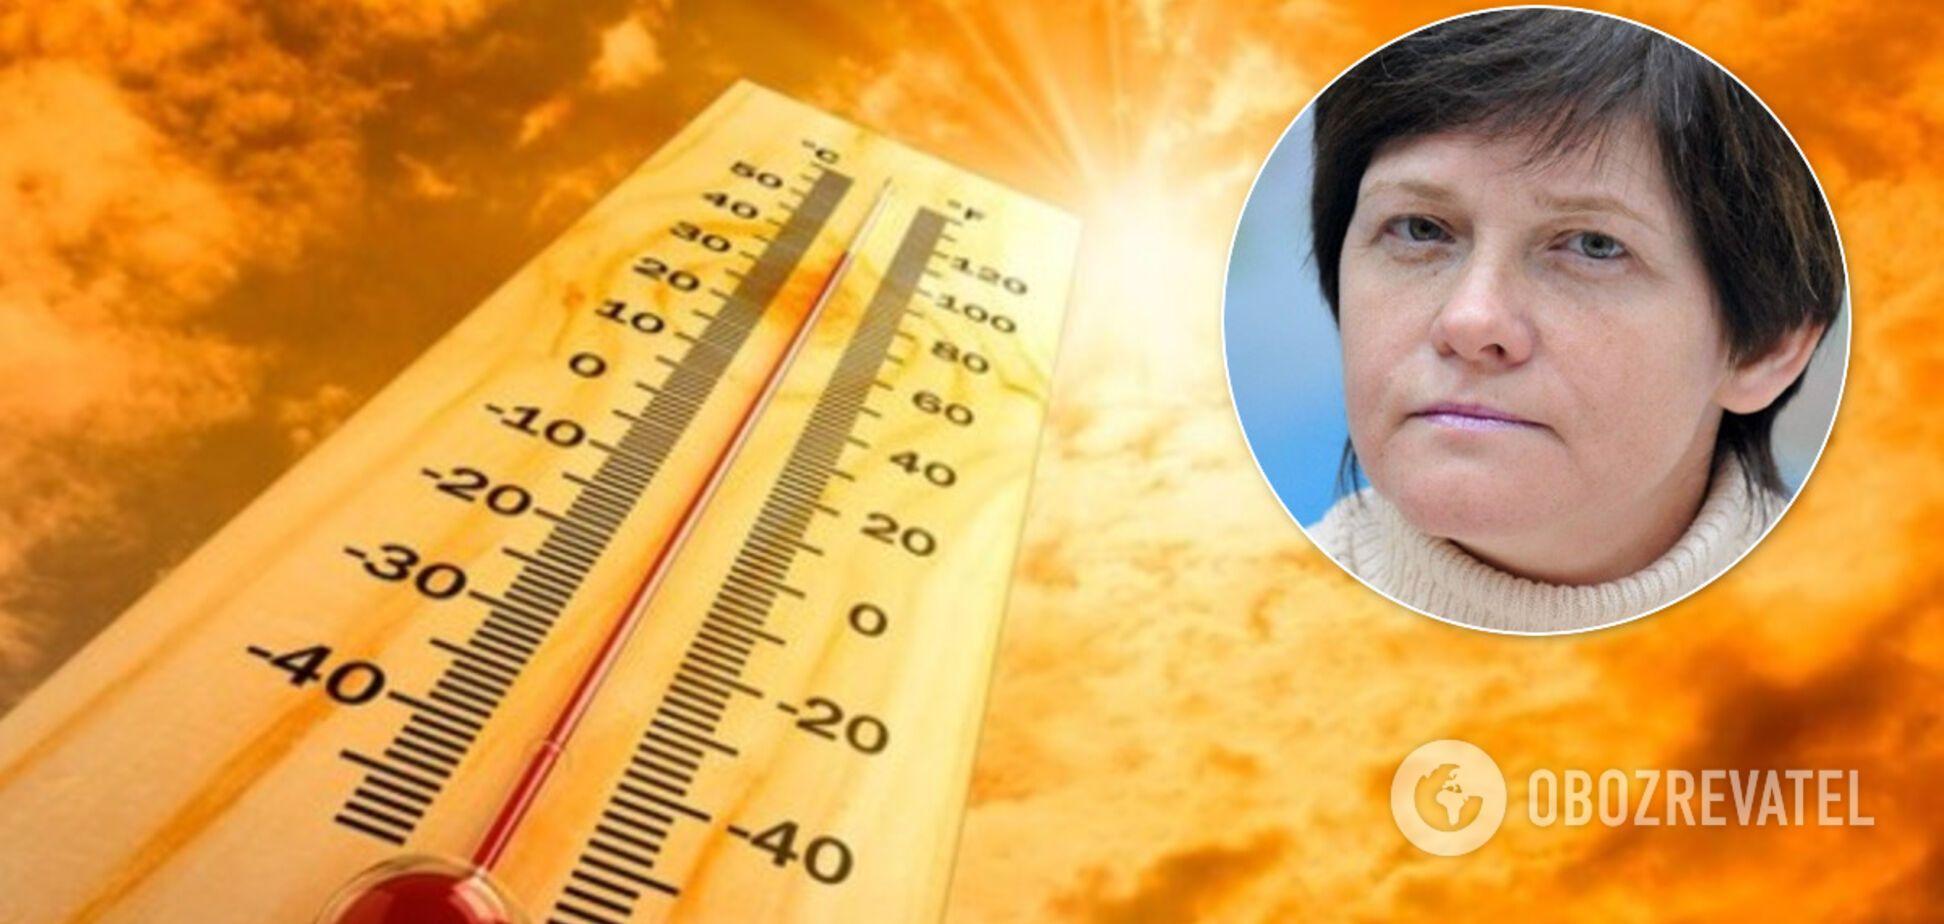 Україну розжарить до 40 градусів і більше: кліматологиня зробила тривожний прогноз